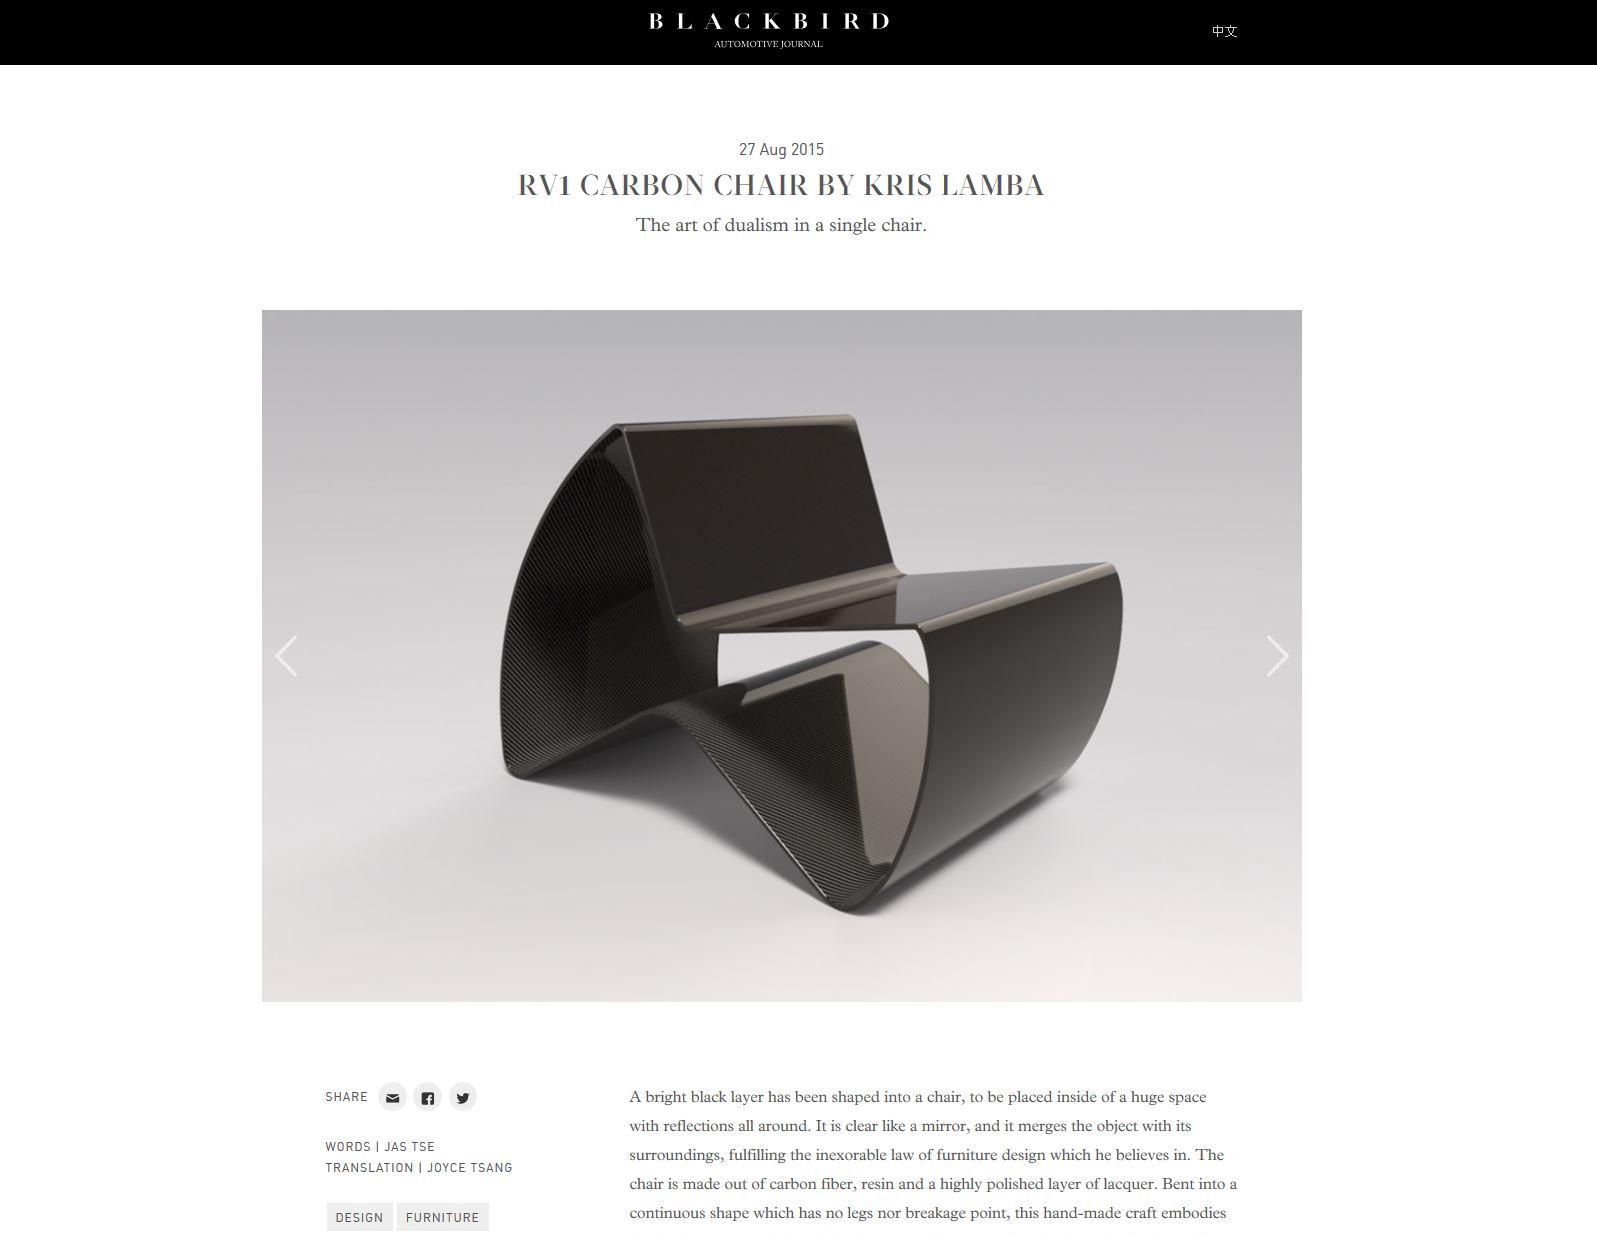 Blackbird Automotive Journal - Feature